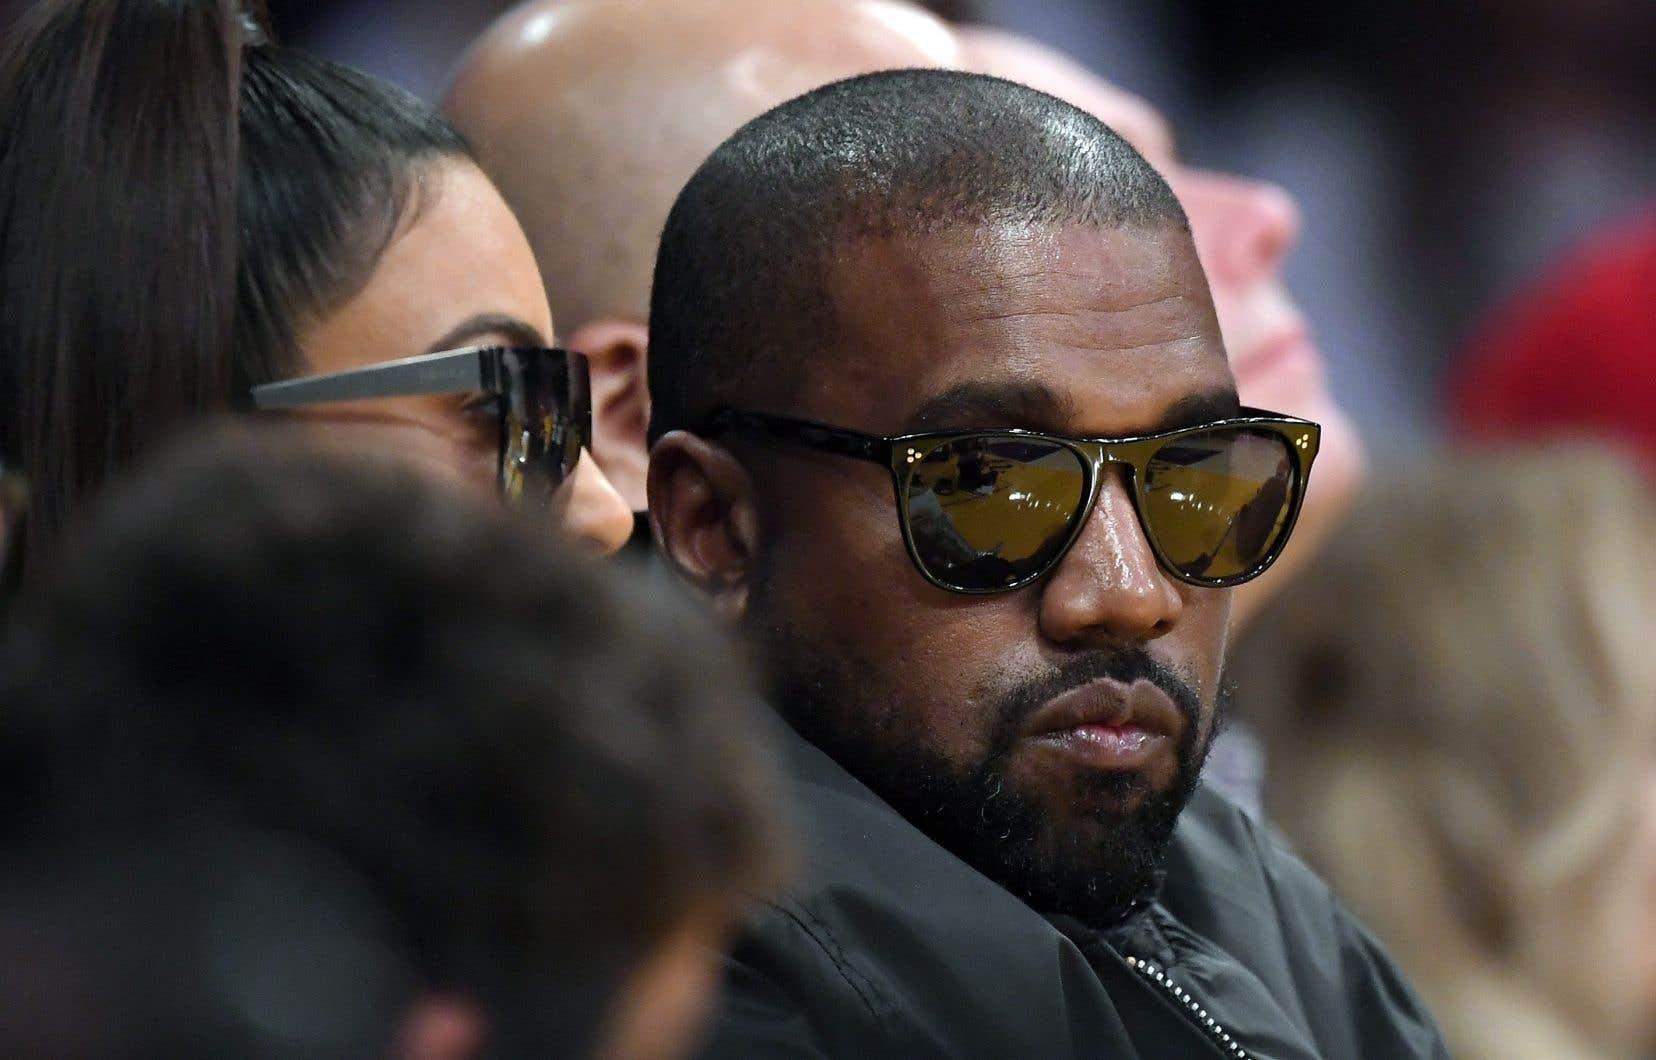 «Nous devons maintenant accomplir la promesse de l'Amérique en ayant confiance en Dieu, en unifiant nos visions et en construisant notre avenir. Je suis candidat à la présidence des États-Unis! #2020VISION» a publié sur Twitter Kanye West.